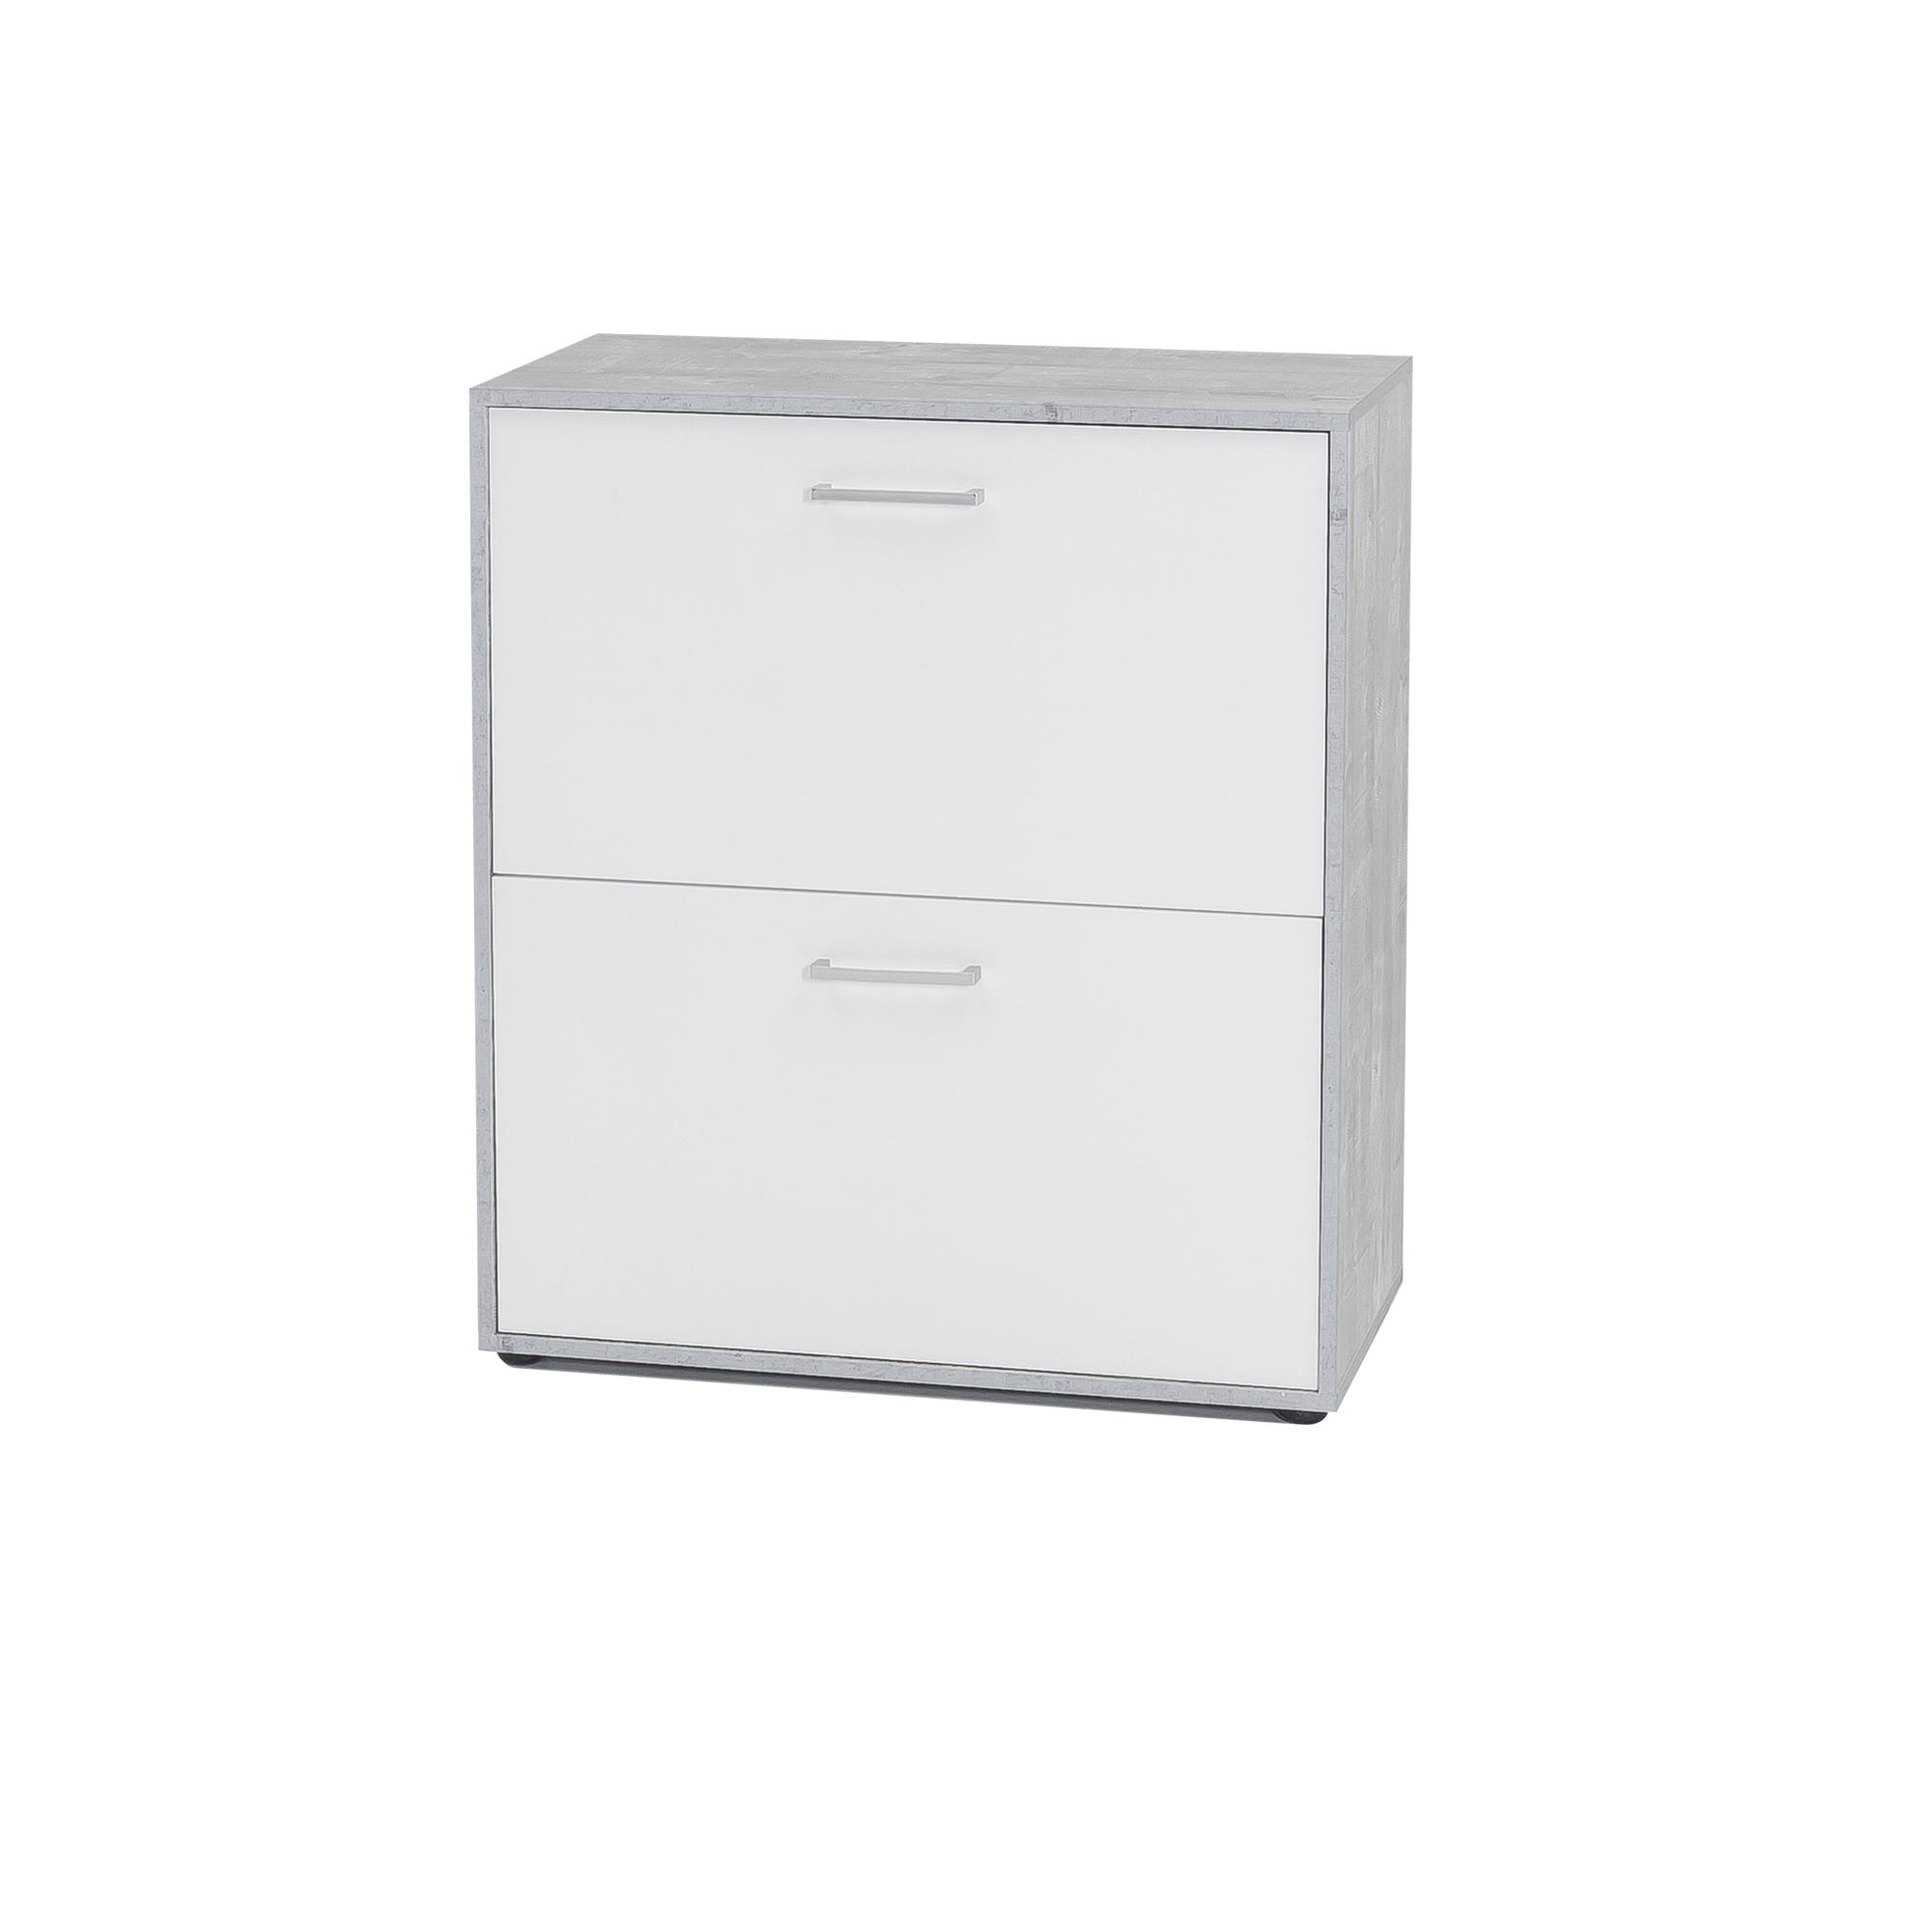 schuhschrank uta f r bis zu 12 paar schuhe 73 cm breit wei beton grau wohnen schuhschrank. Black Bedroom Furniture Sets. Home Design Ideas